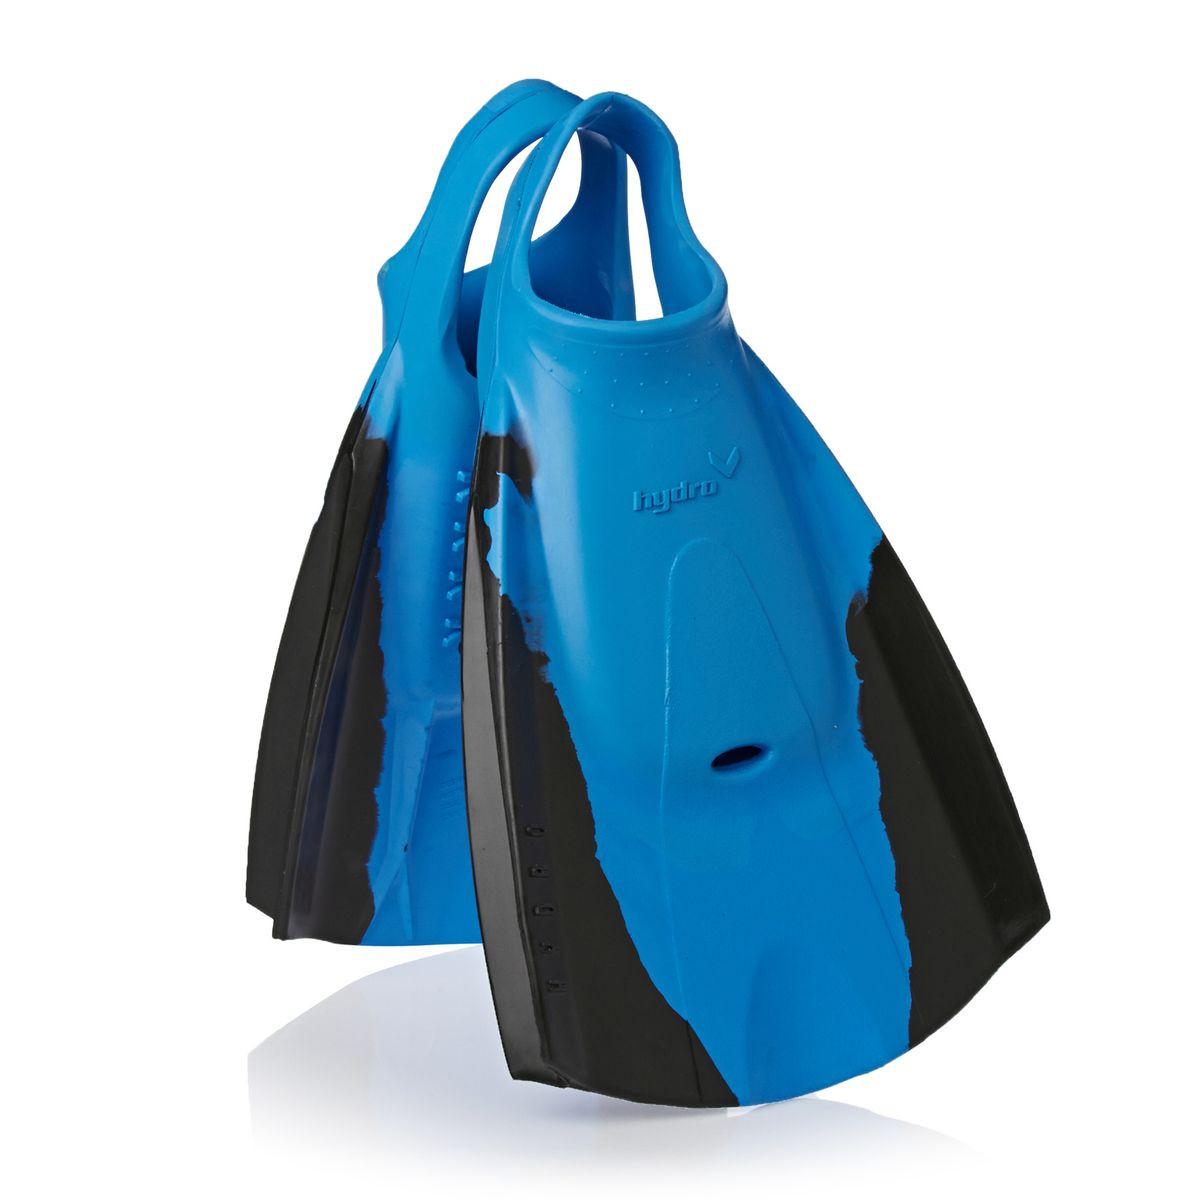 Hydro Tech Bodyboard Fins - Black/ Blue